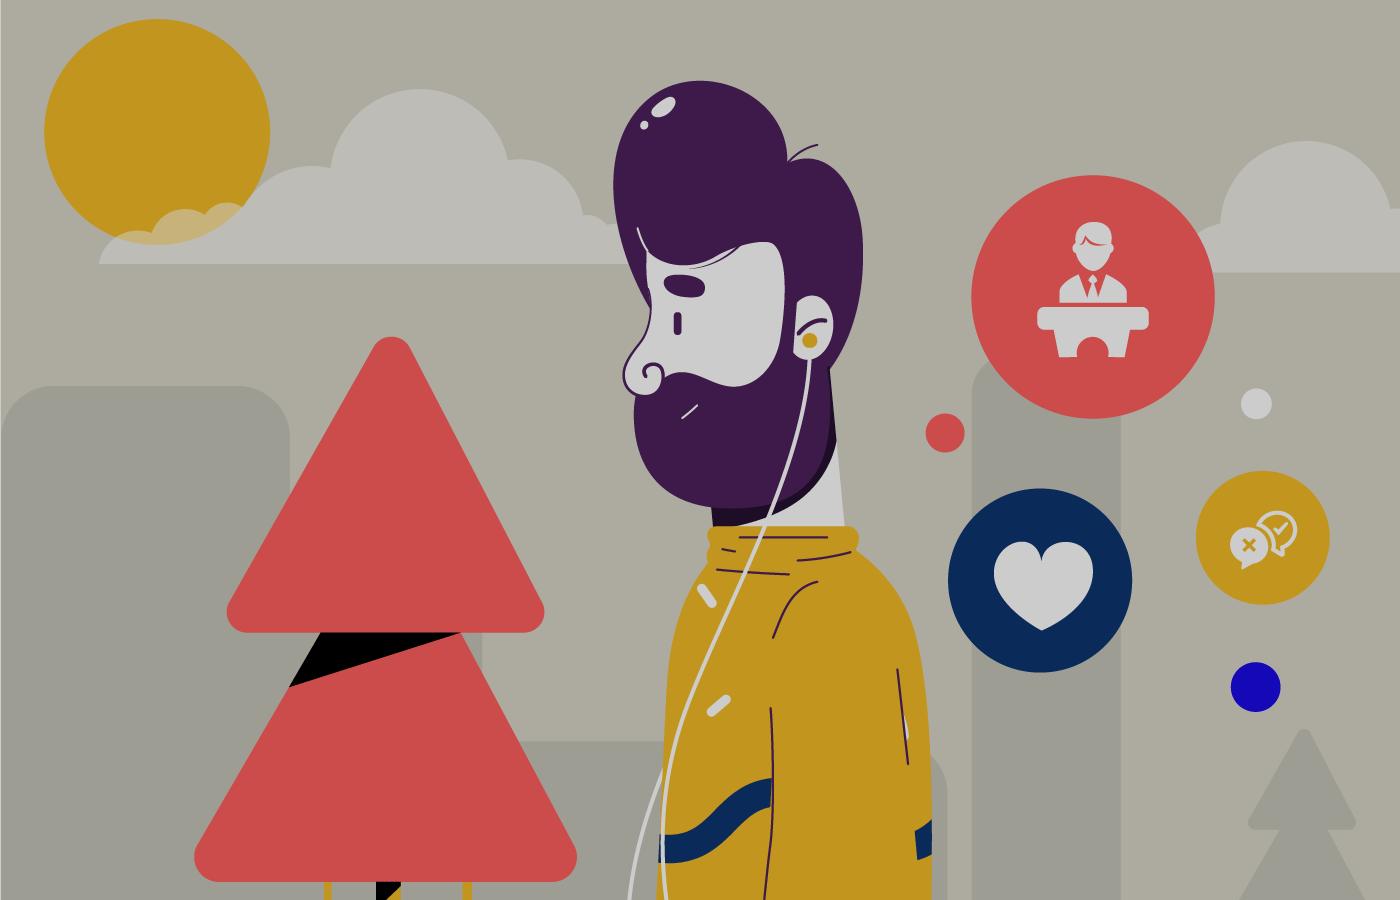 كيفية الإستماع للبودكاست عن طريق